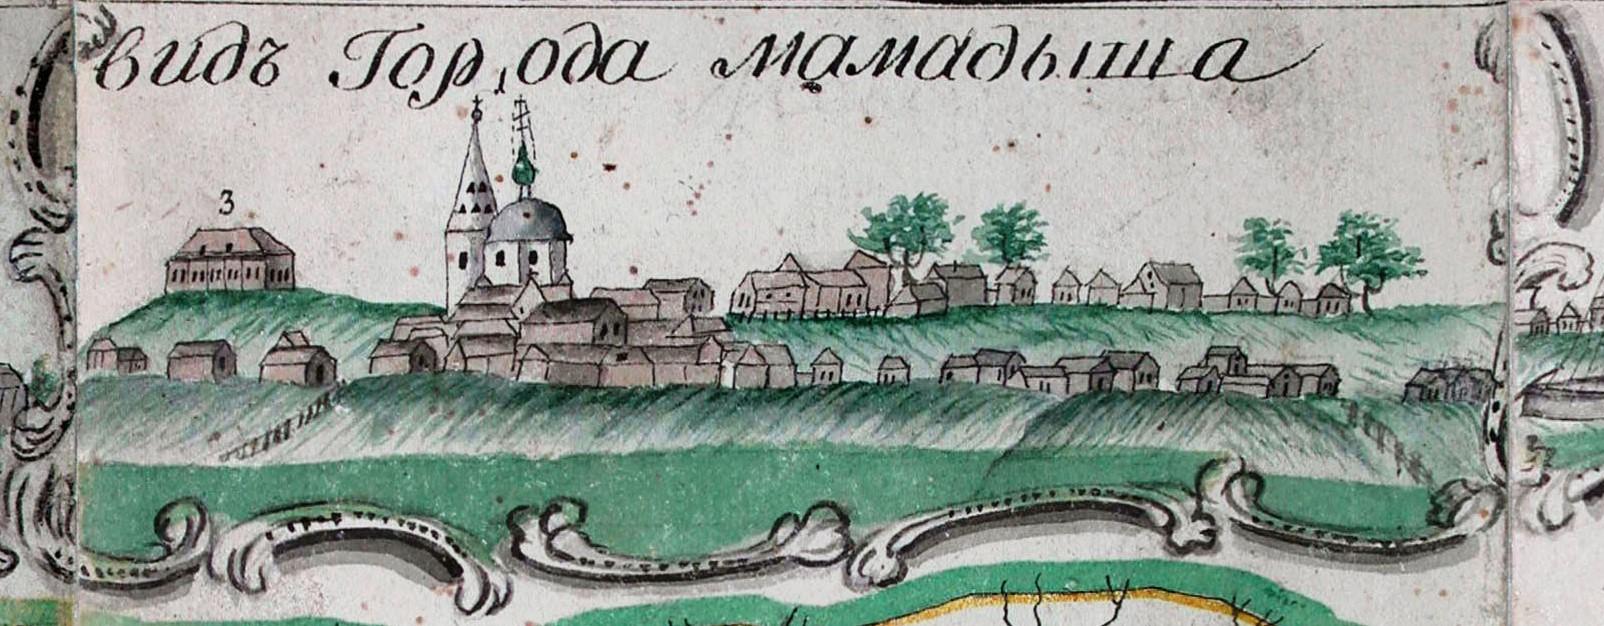 Из Геометрической карты Казанской Губернии, 1796 г.